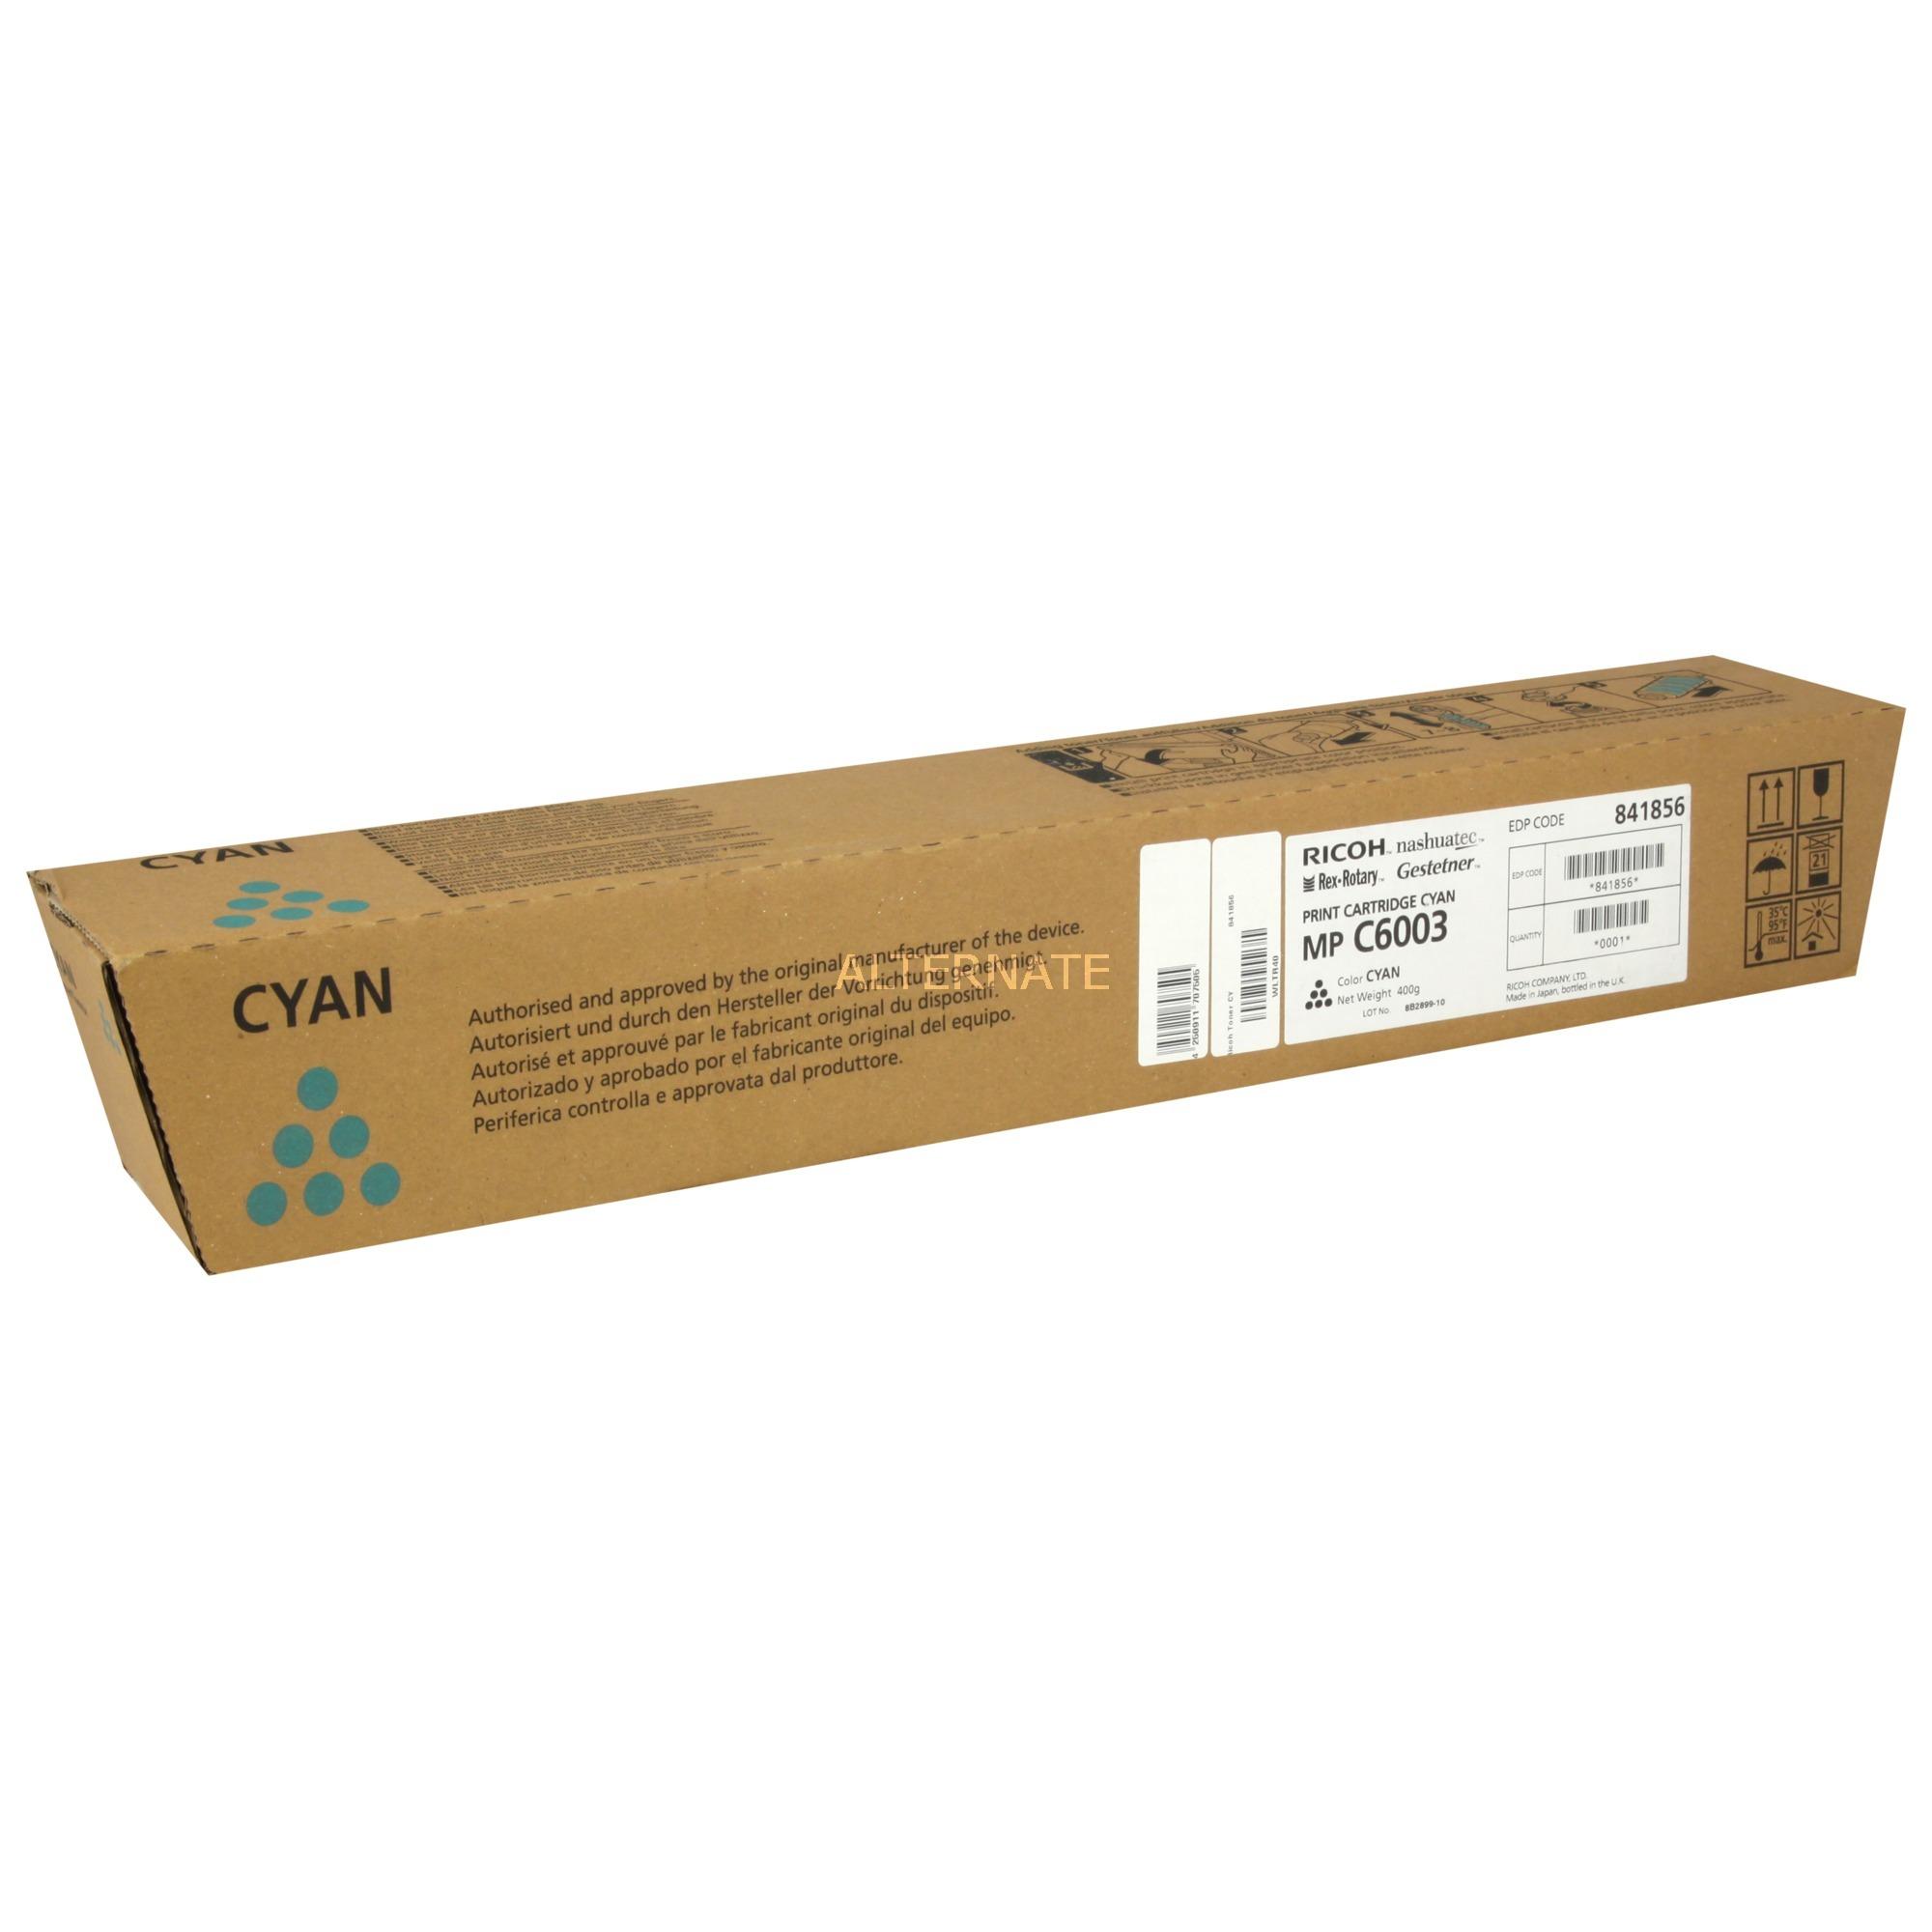 841856 cartucho de tóner Original Cian 1 pieza(s)